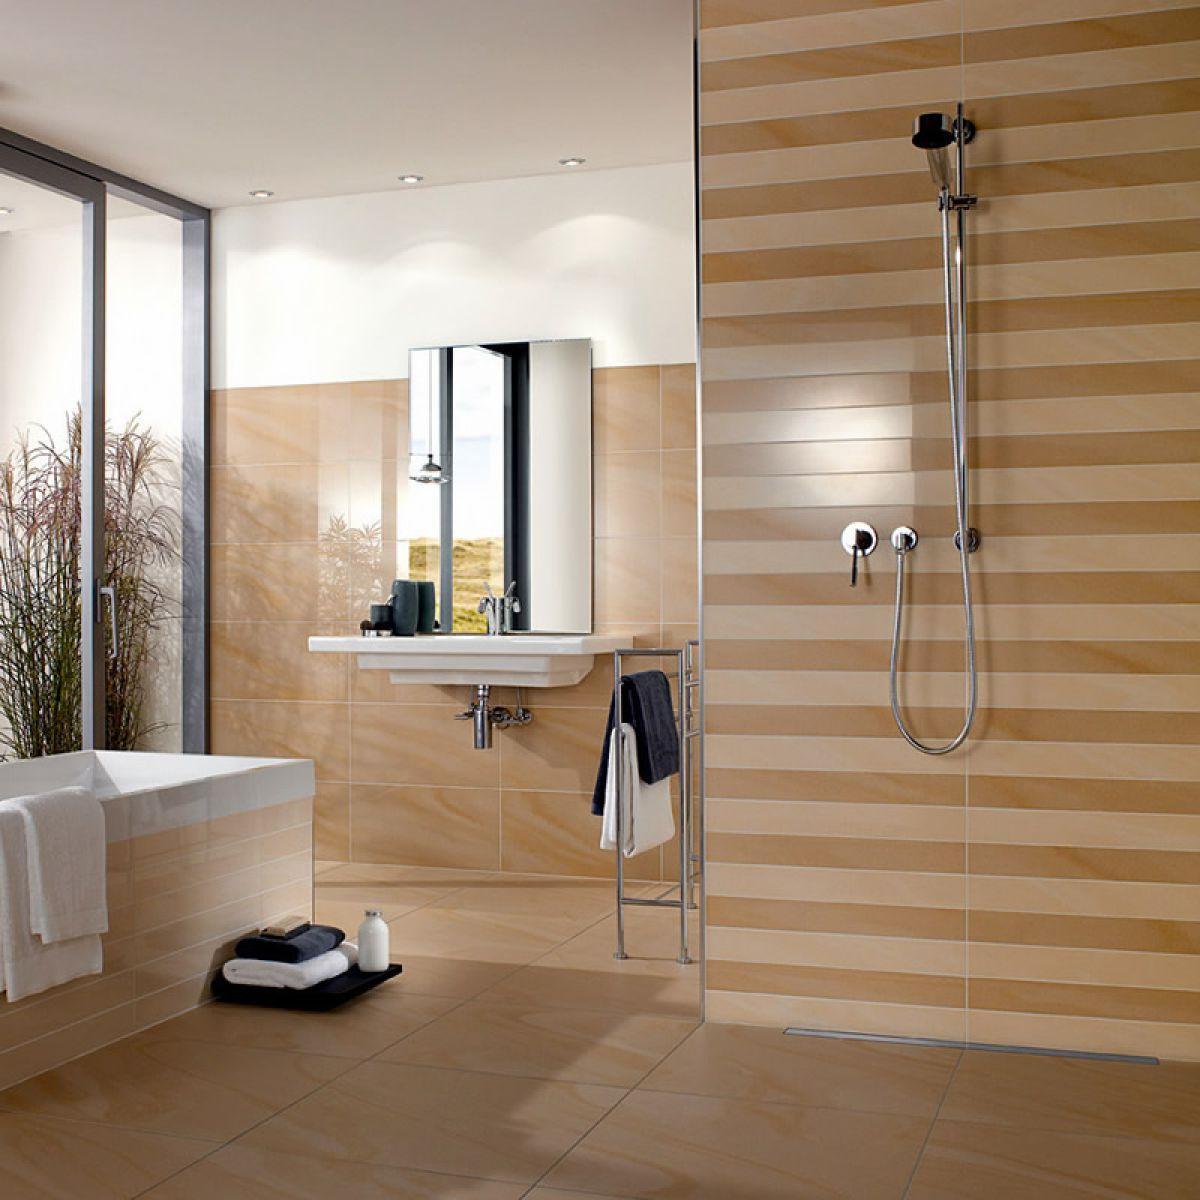 Bathroom Tiles Villeroy Boch villeroy & boch landscape polished tile 2095 (30 x 60cm) : uk